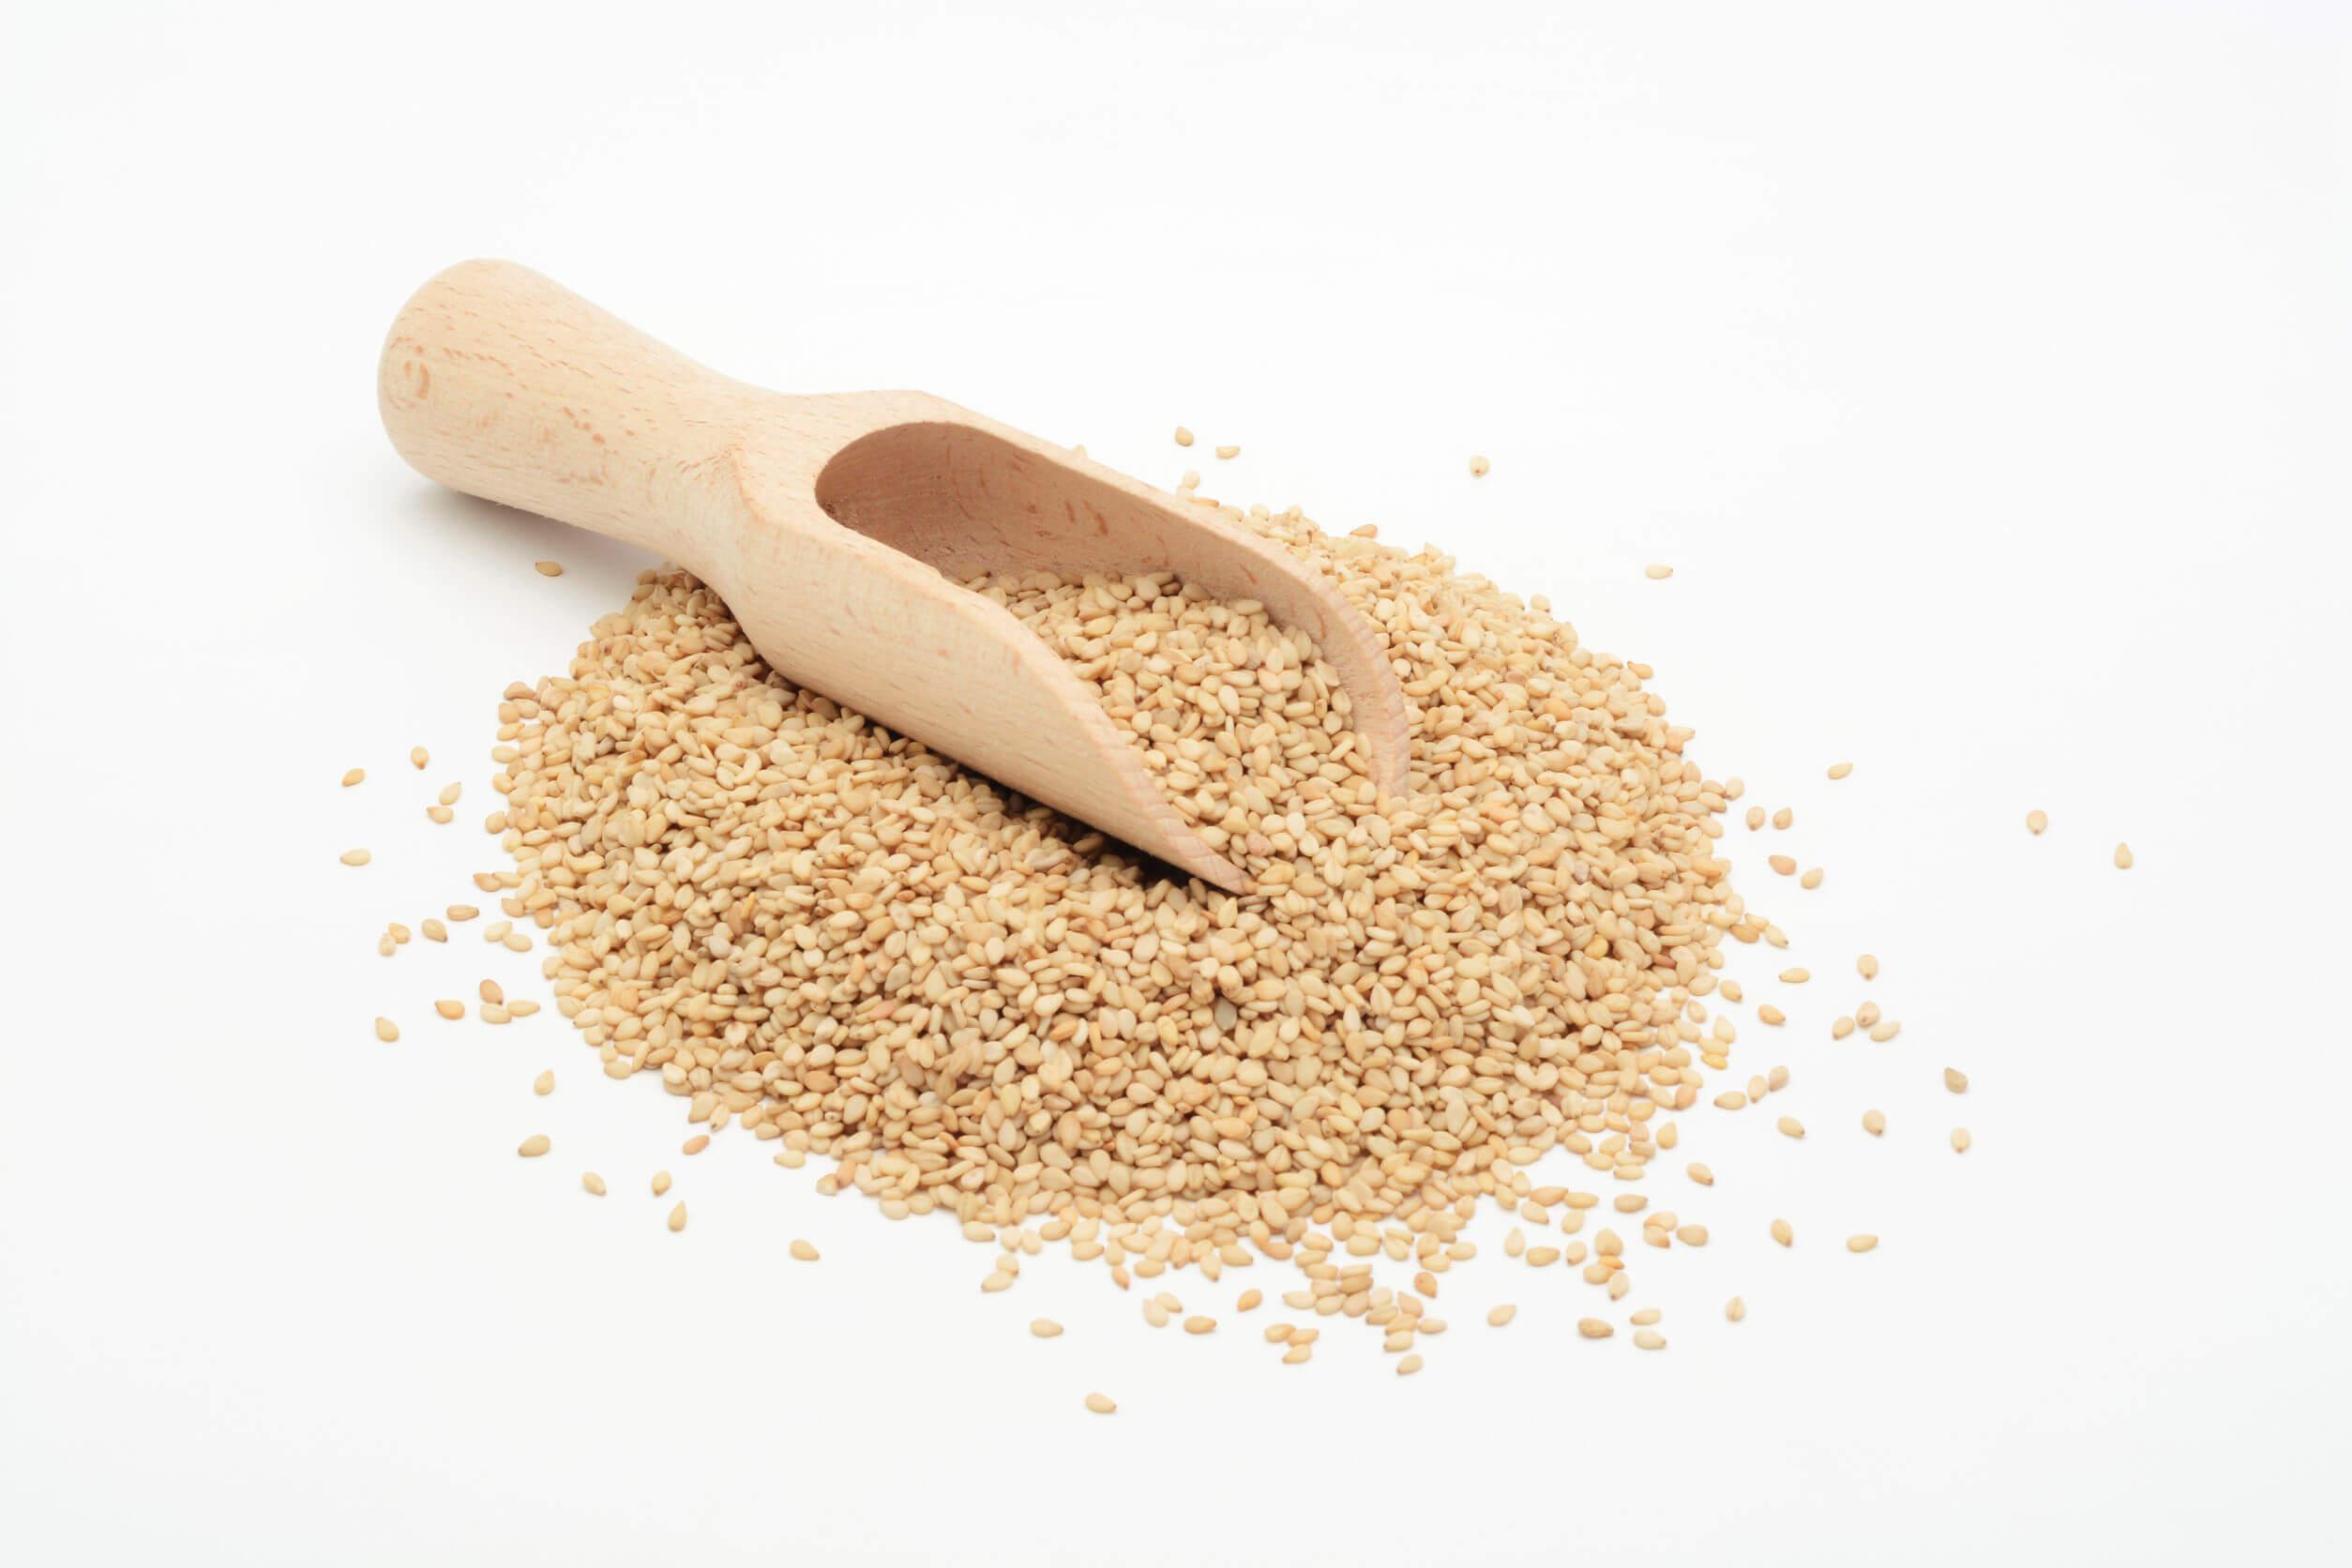 La vitamina E puede obtenerse de muchas semillas.